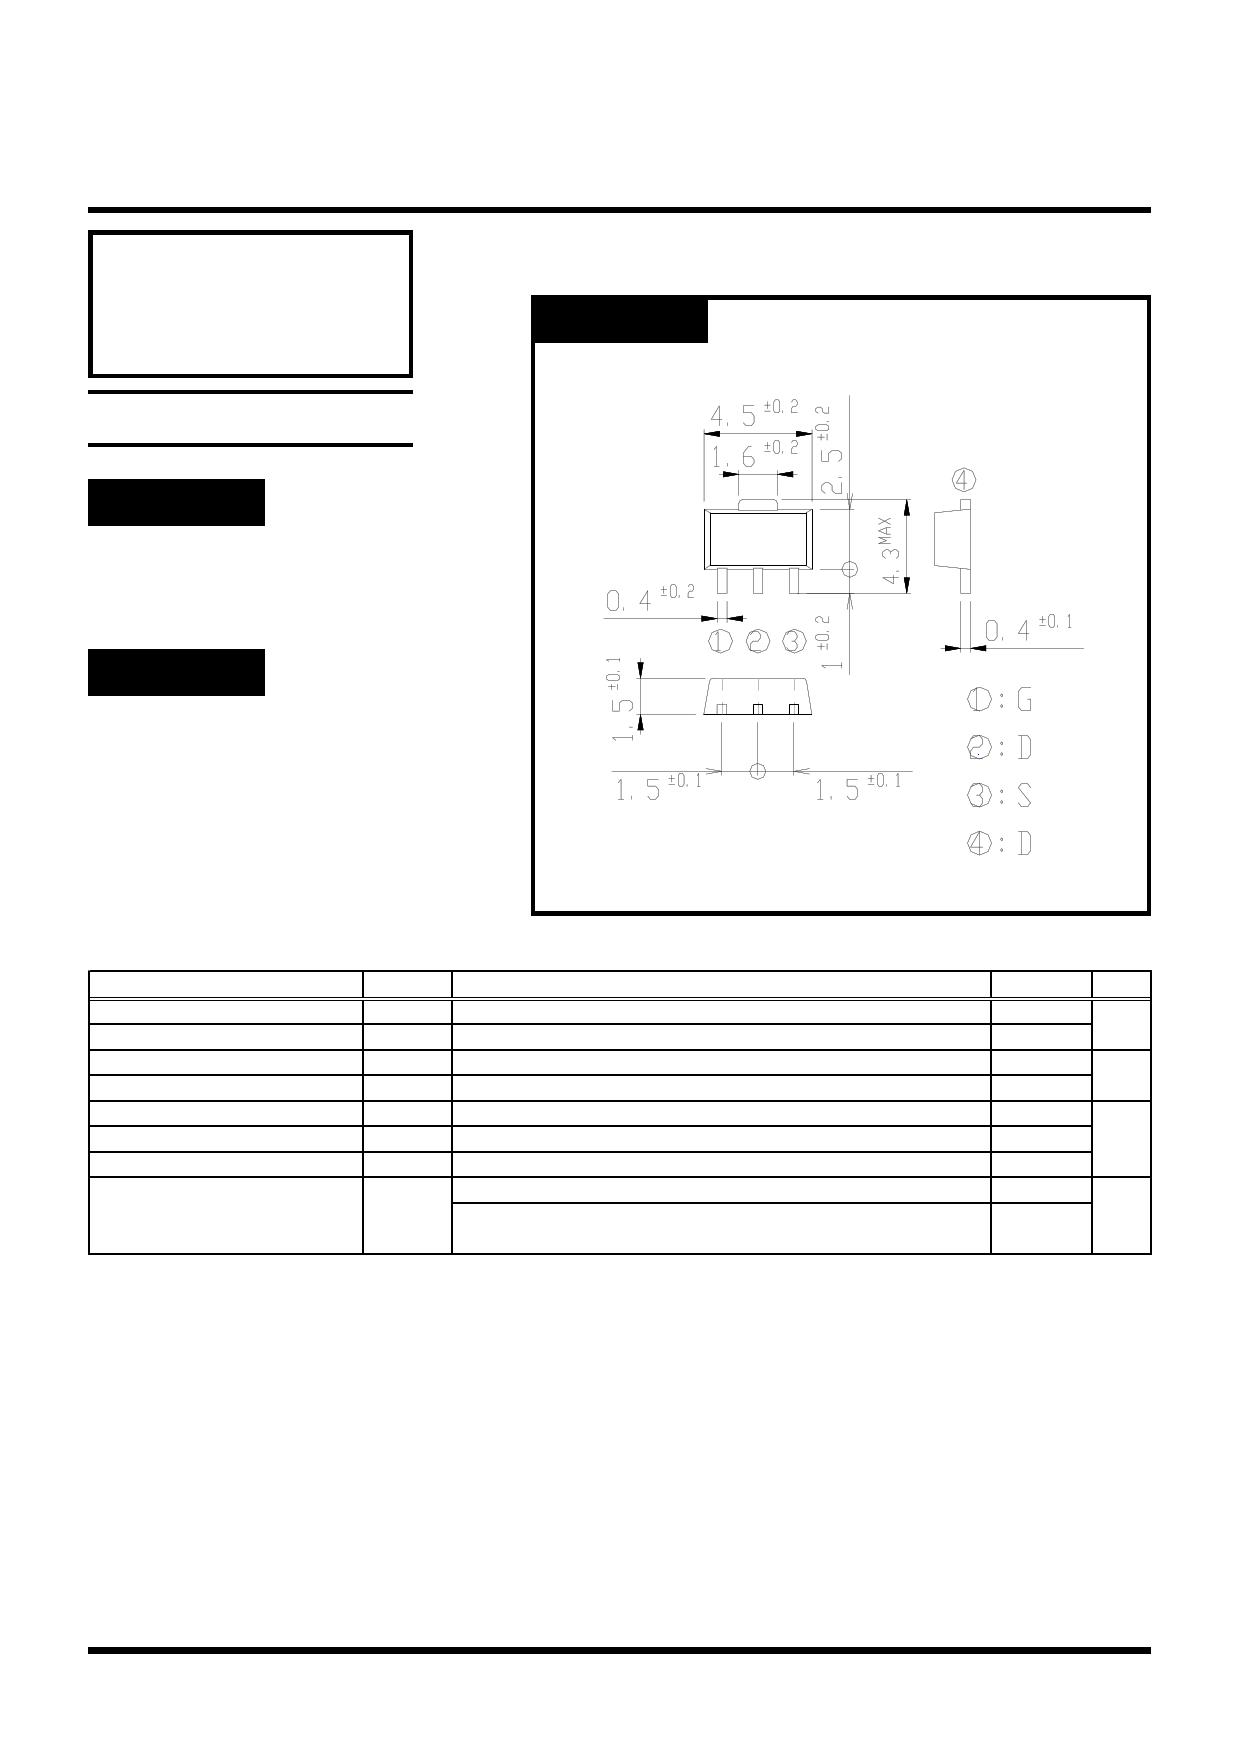 F05B23VR datasheet